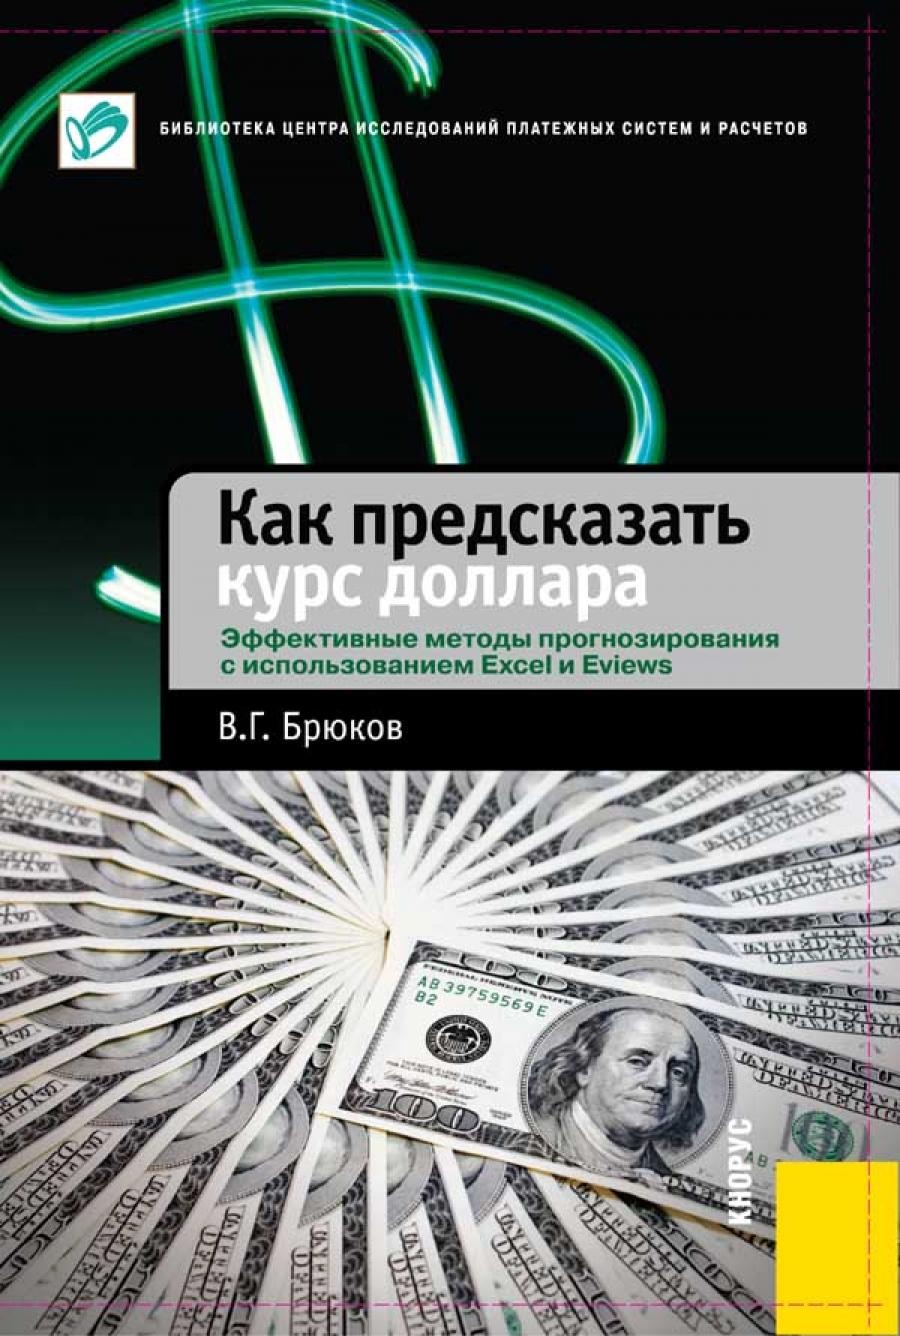 Обложка книги:  брюков в.г. - как предсказать курс доллара. эффективные методы прогнозирования с использованием excel и eviews